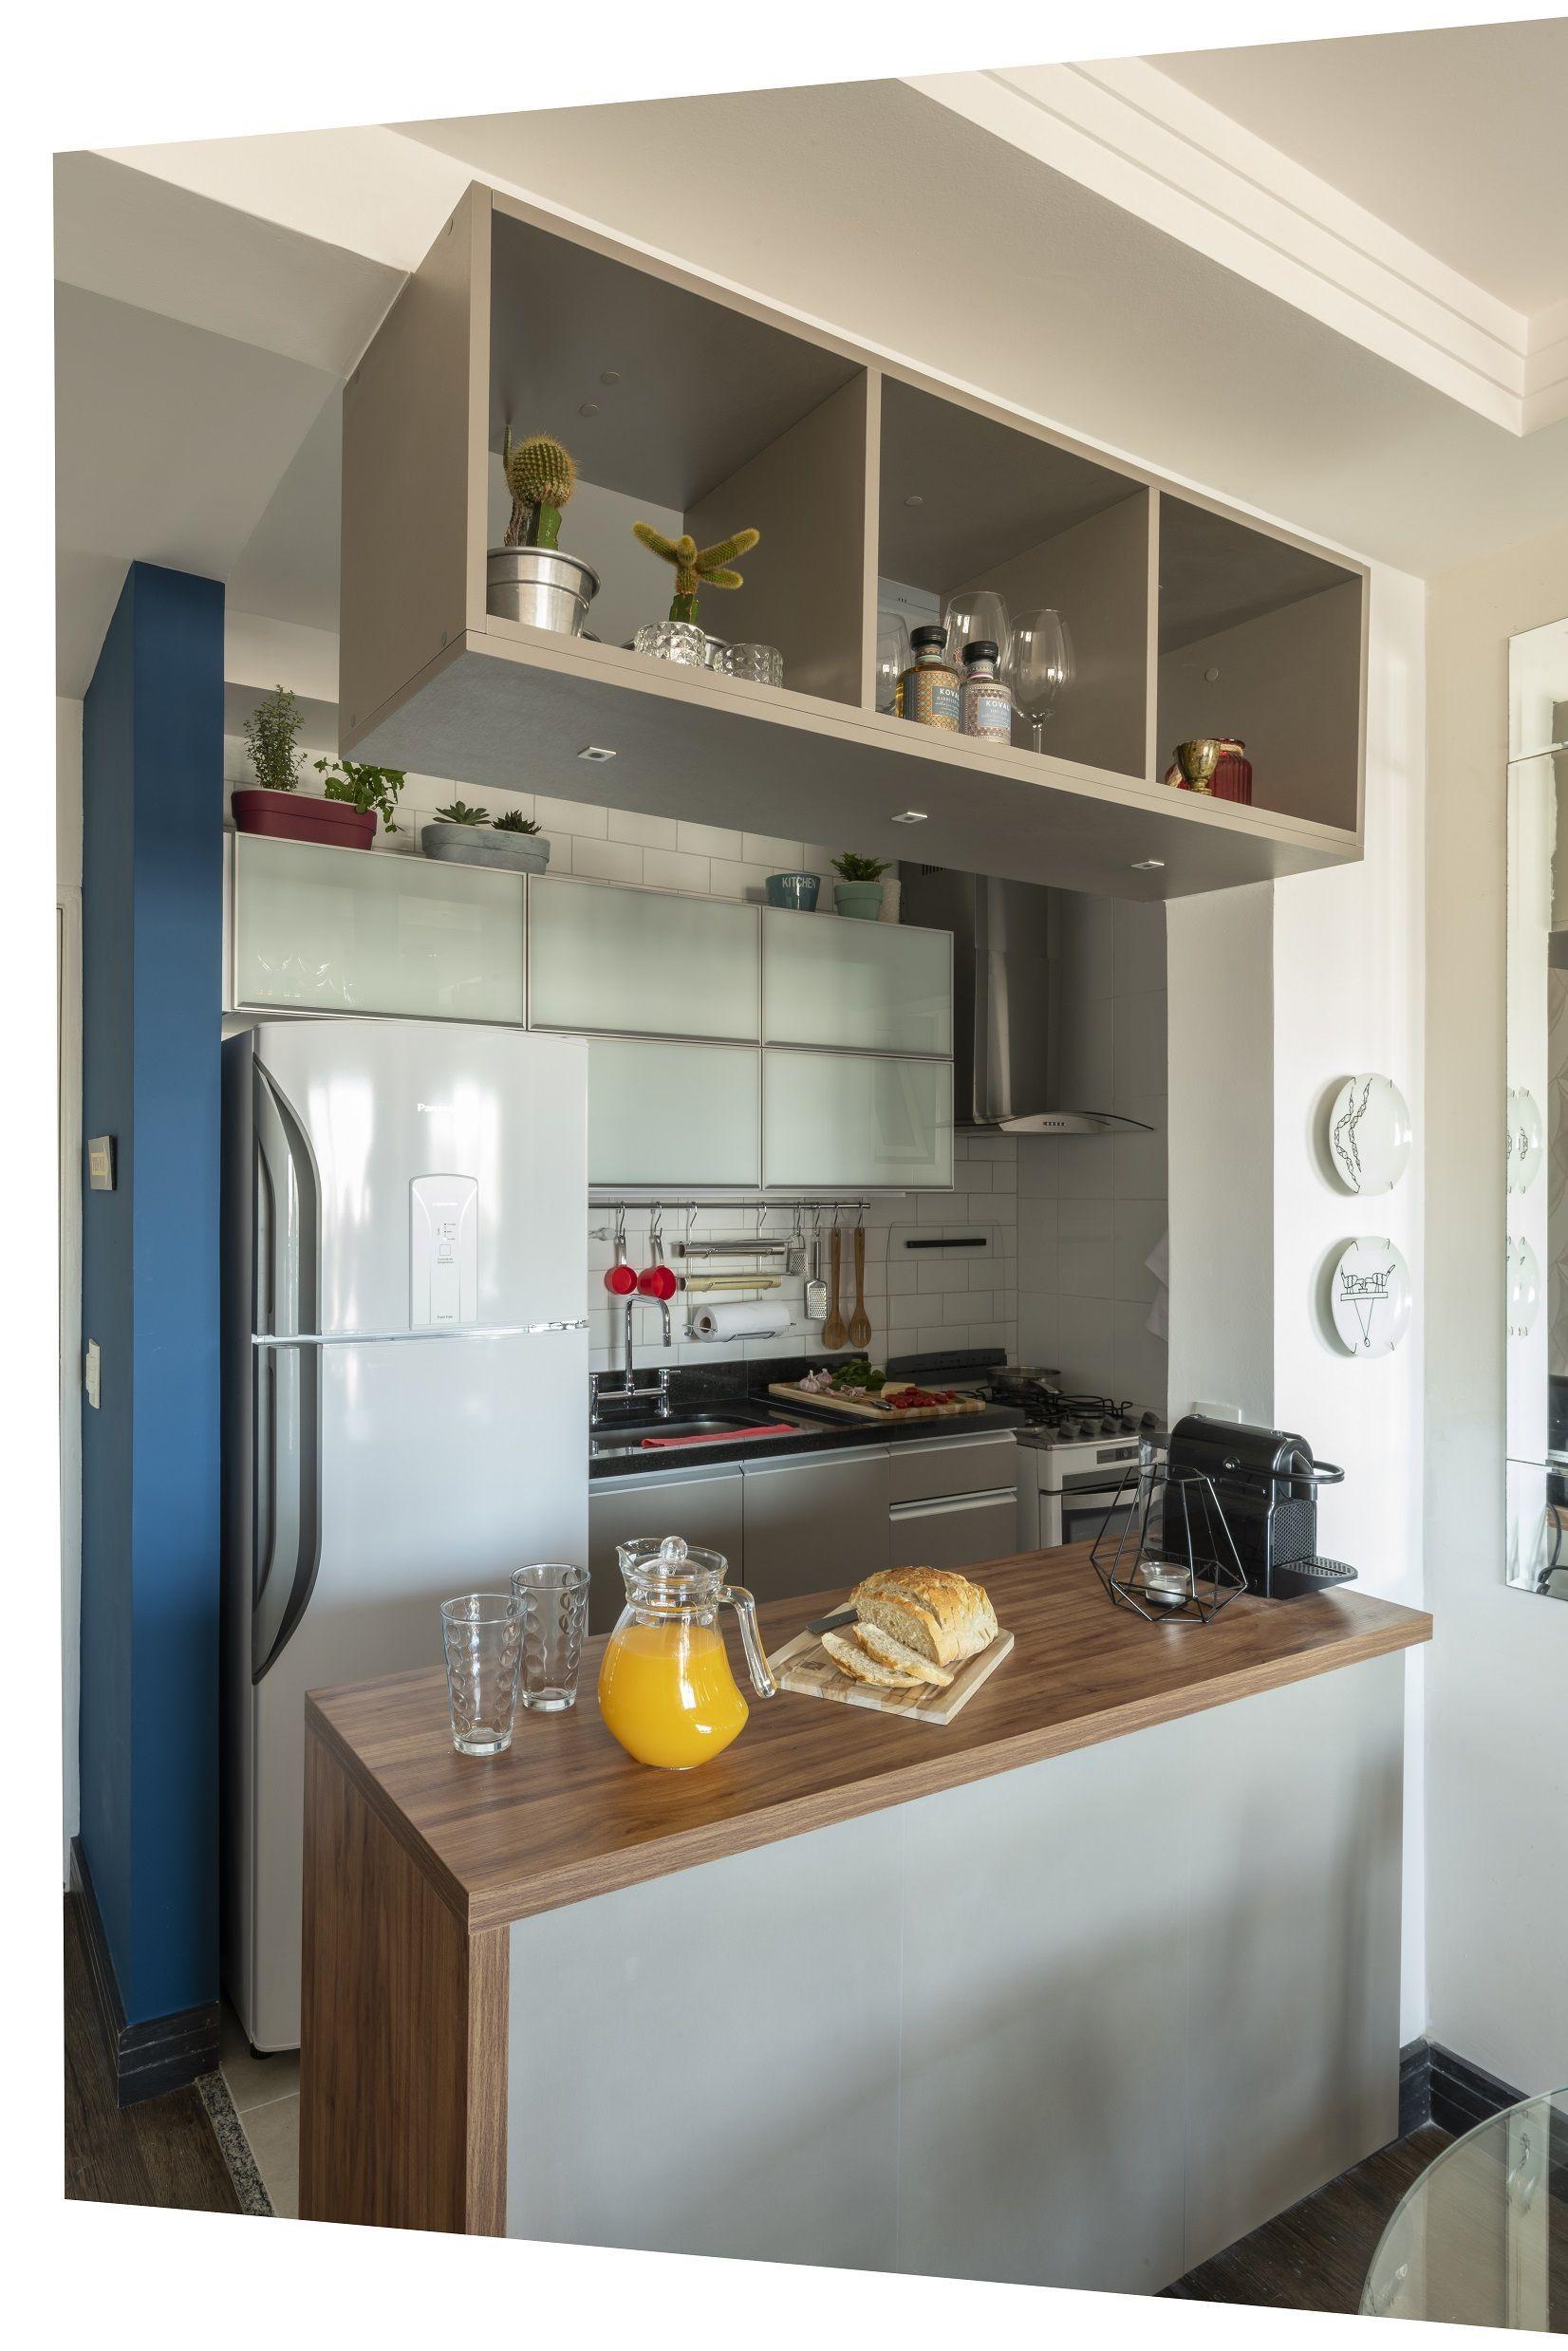 Pin De Mariela Cristobal Em Casa Construccion 2020 Cozinha